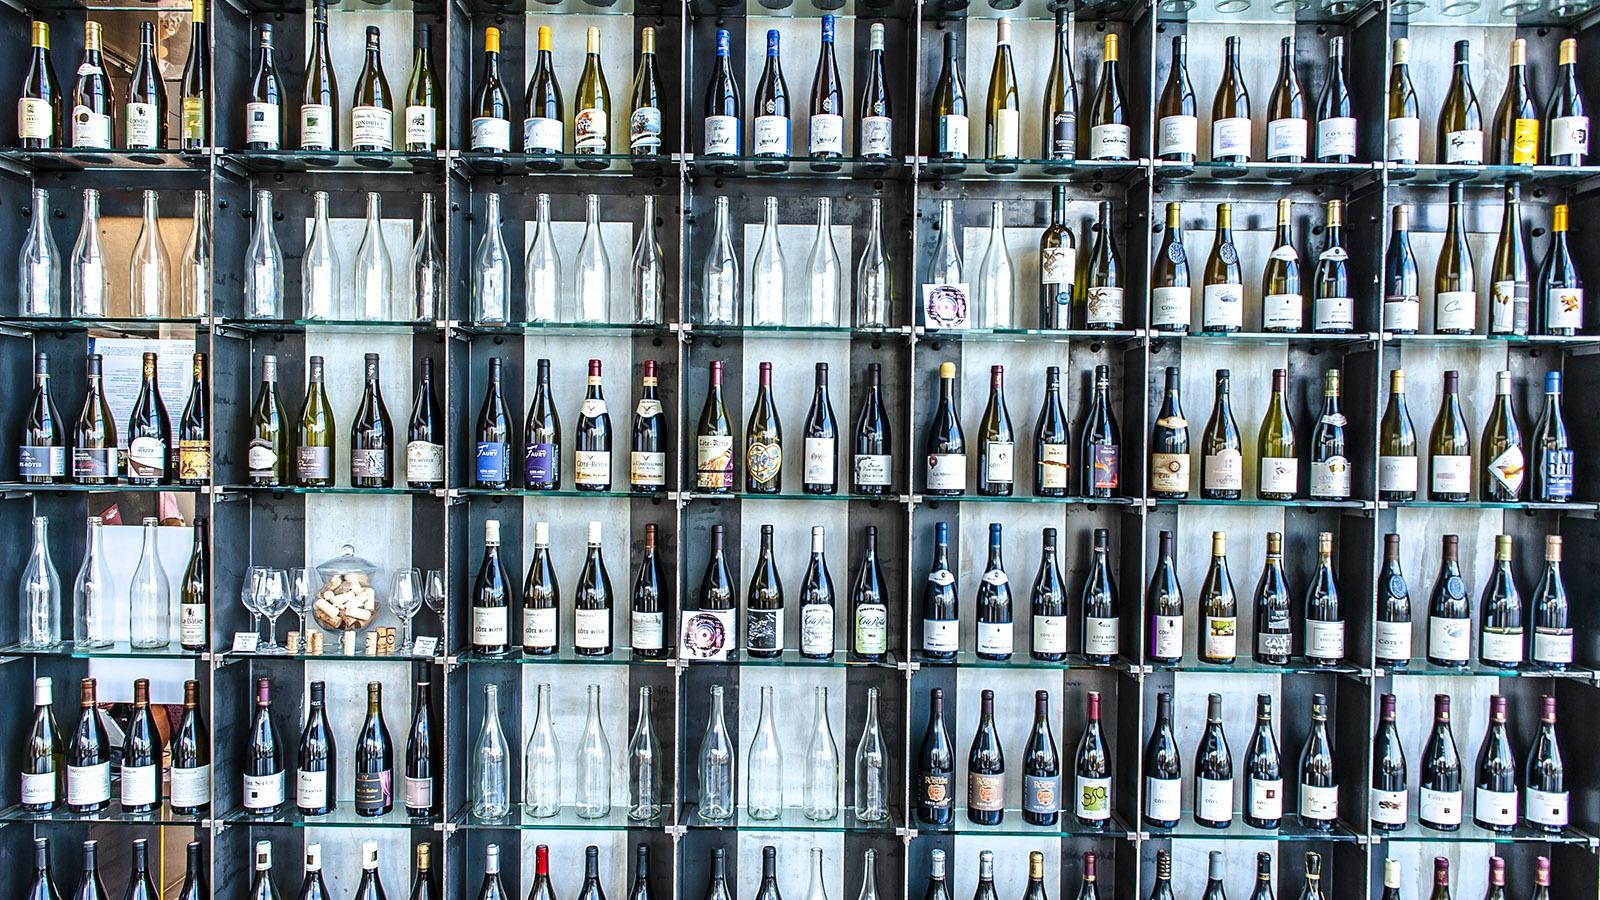 Das Office de Tourisme in Vienne stellt die Weine der nördlichen Côtes du Rhône vor. Foto: Hilke Maunder